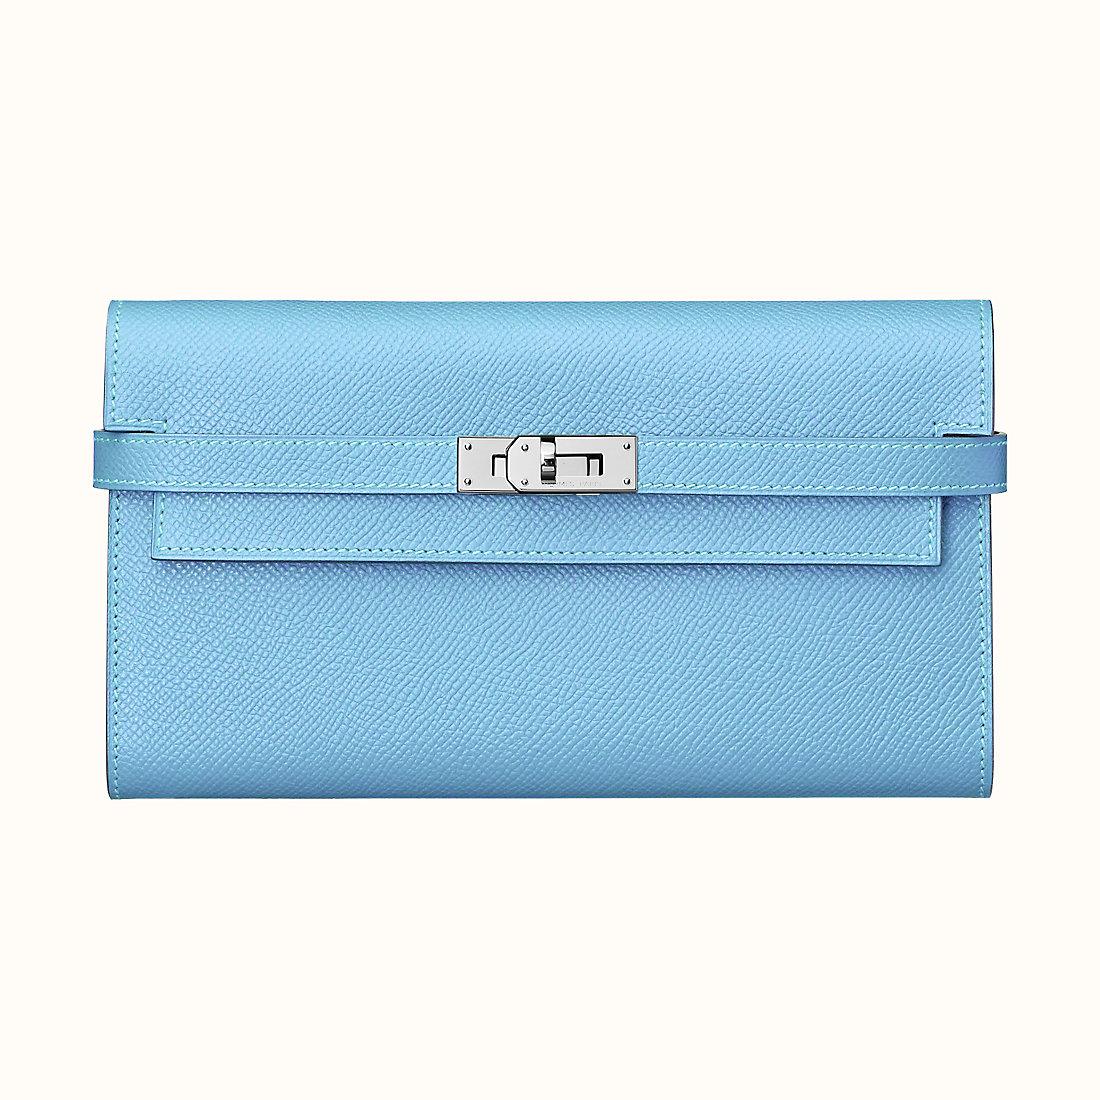 Hermes Kelly classic wallet CK7N Céleste 天蓝色